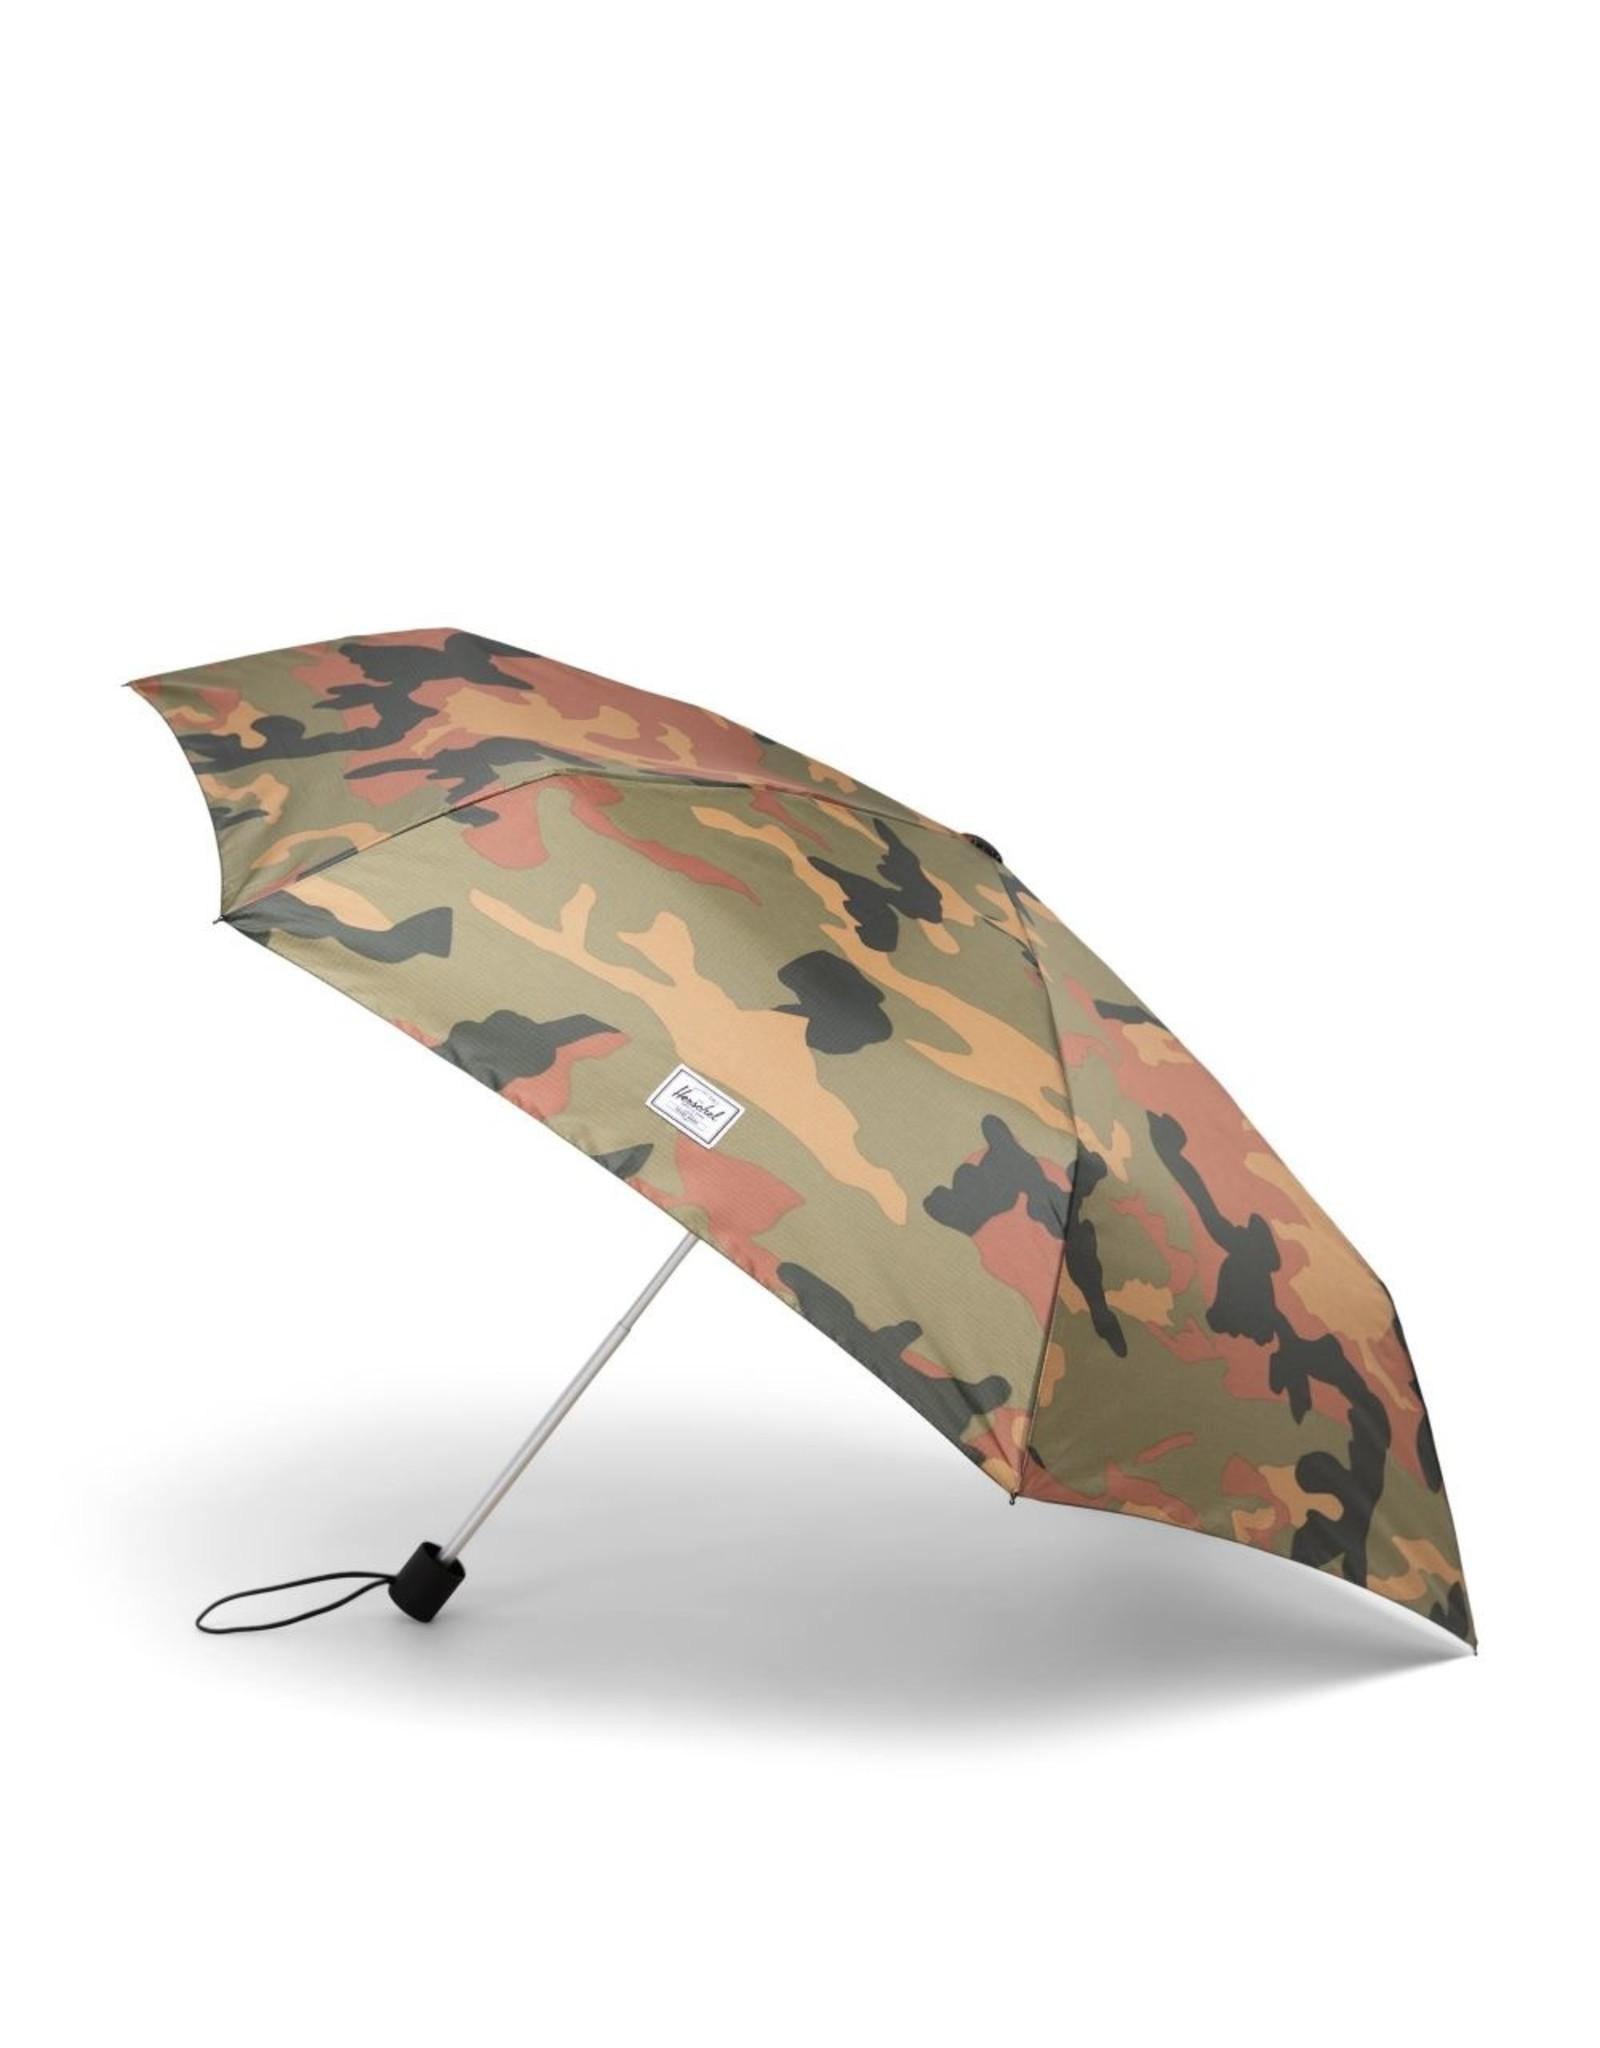 Herschel Compact Umbrella